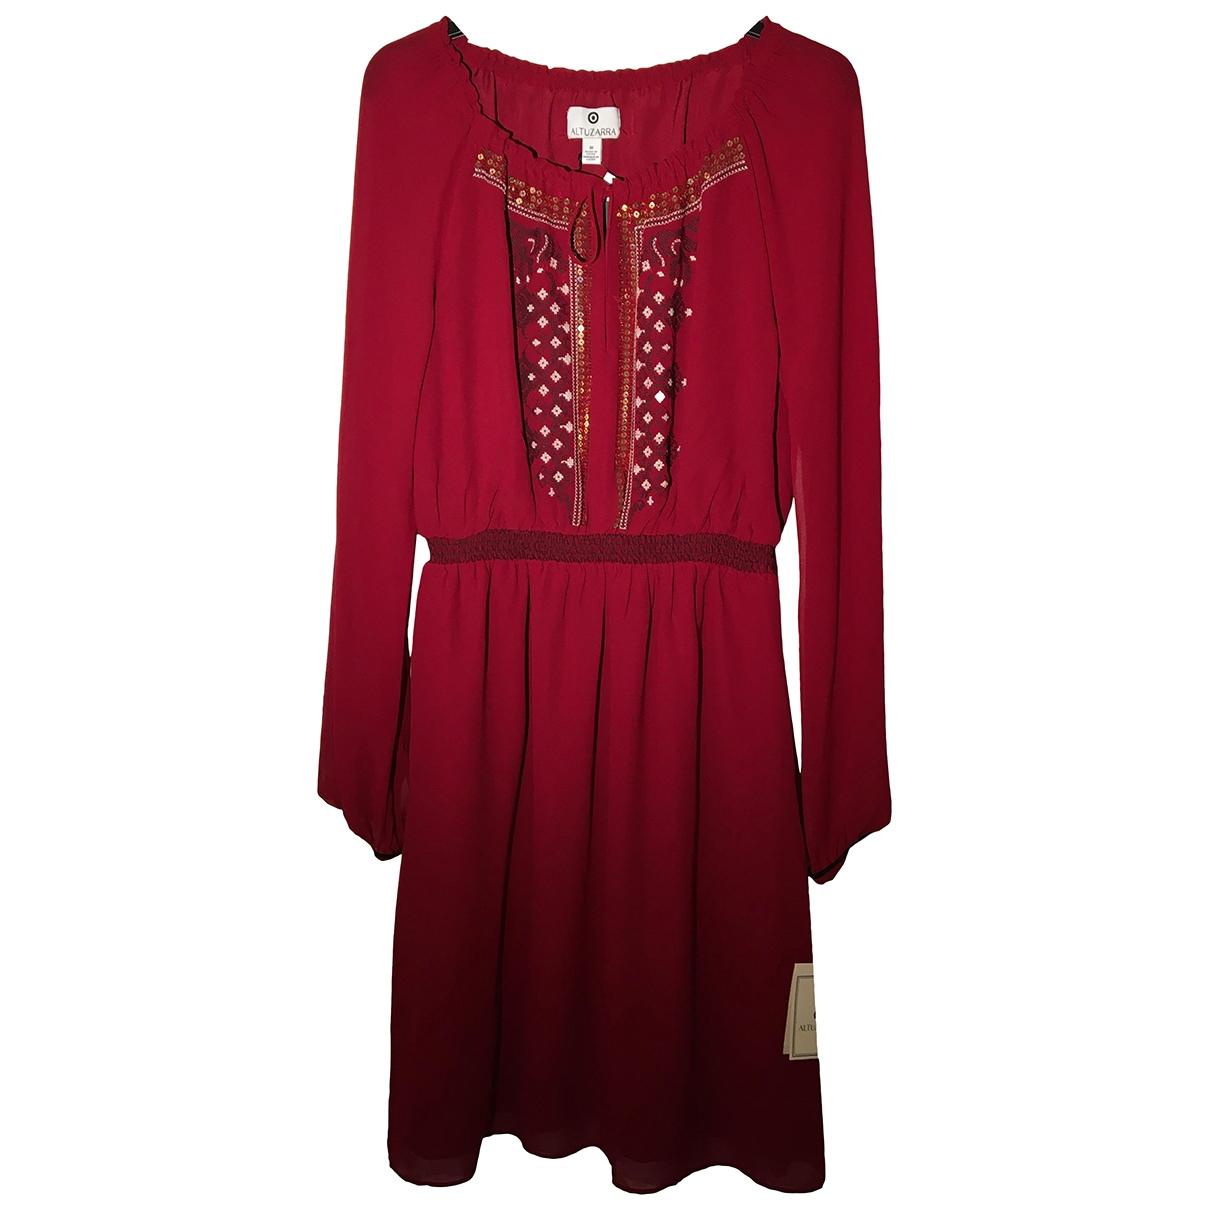 Altuzarra - Robe   pour femme en a paillettes - bordeaux